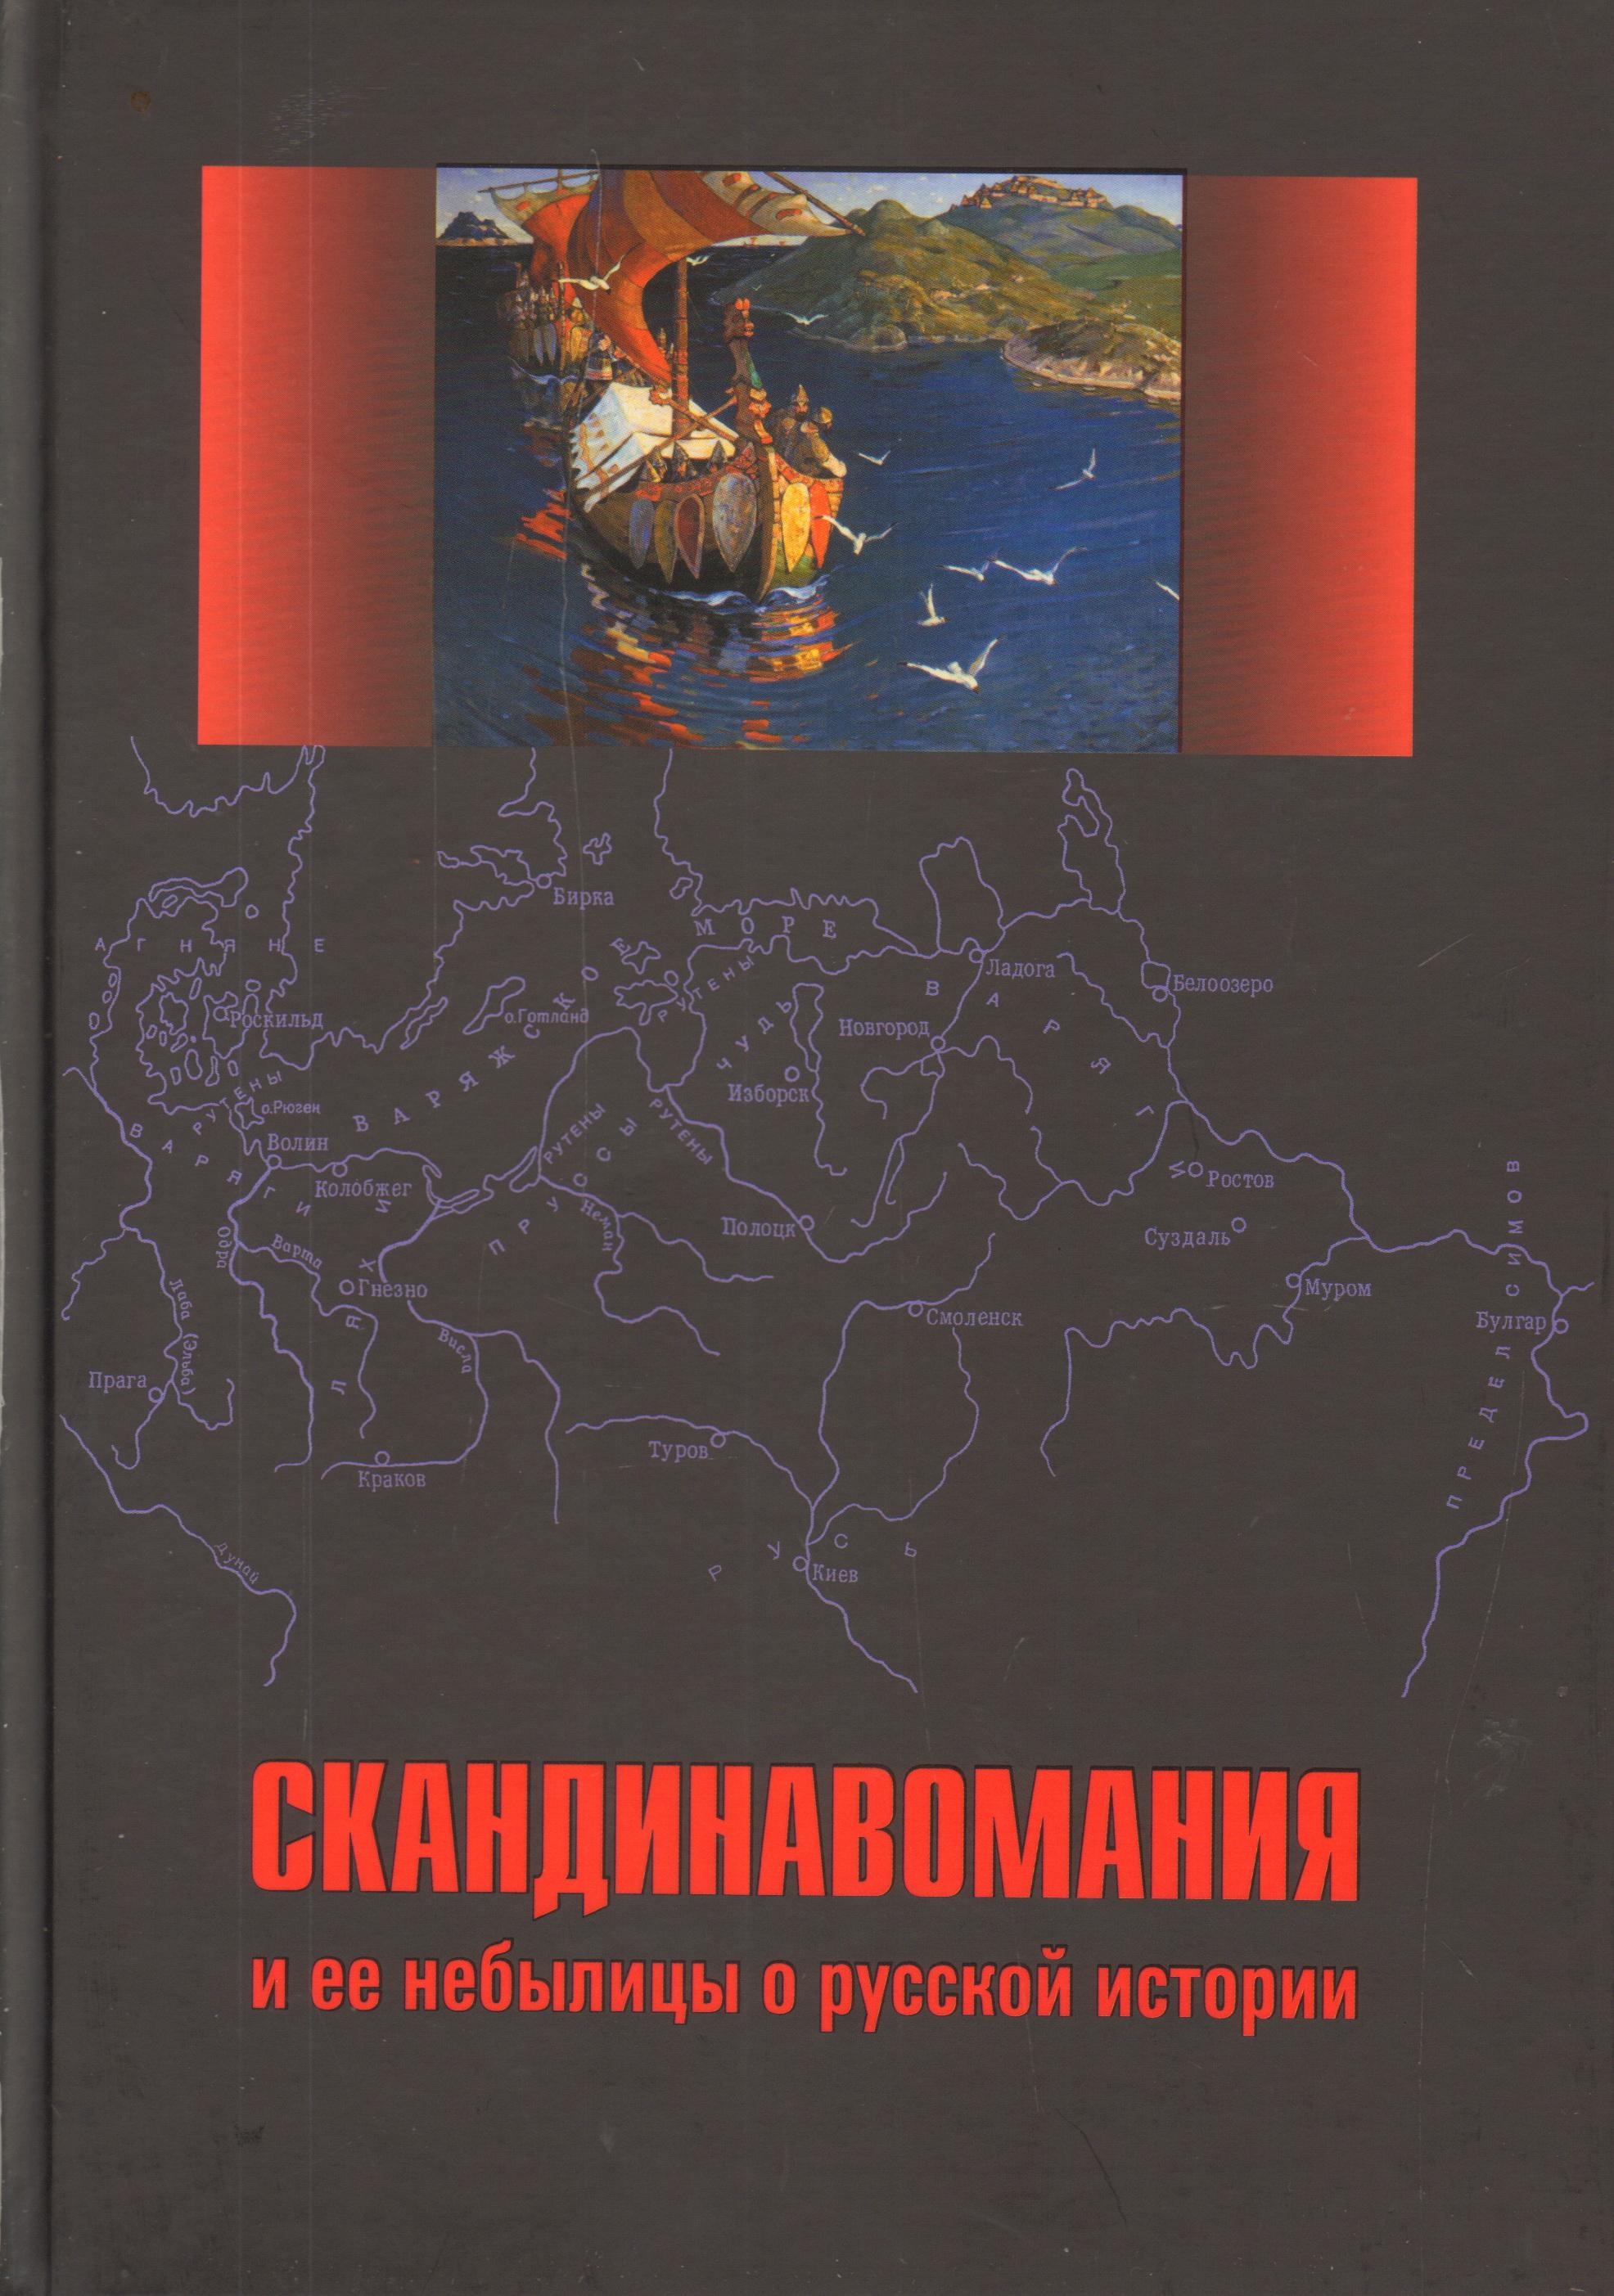 Скандинавомания и ее небылицы о русской истории